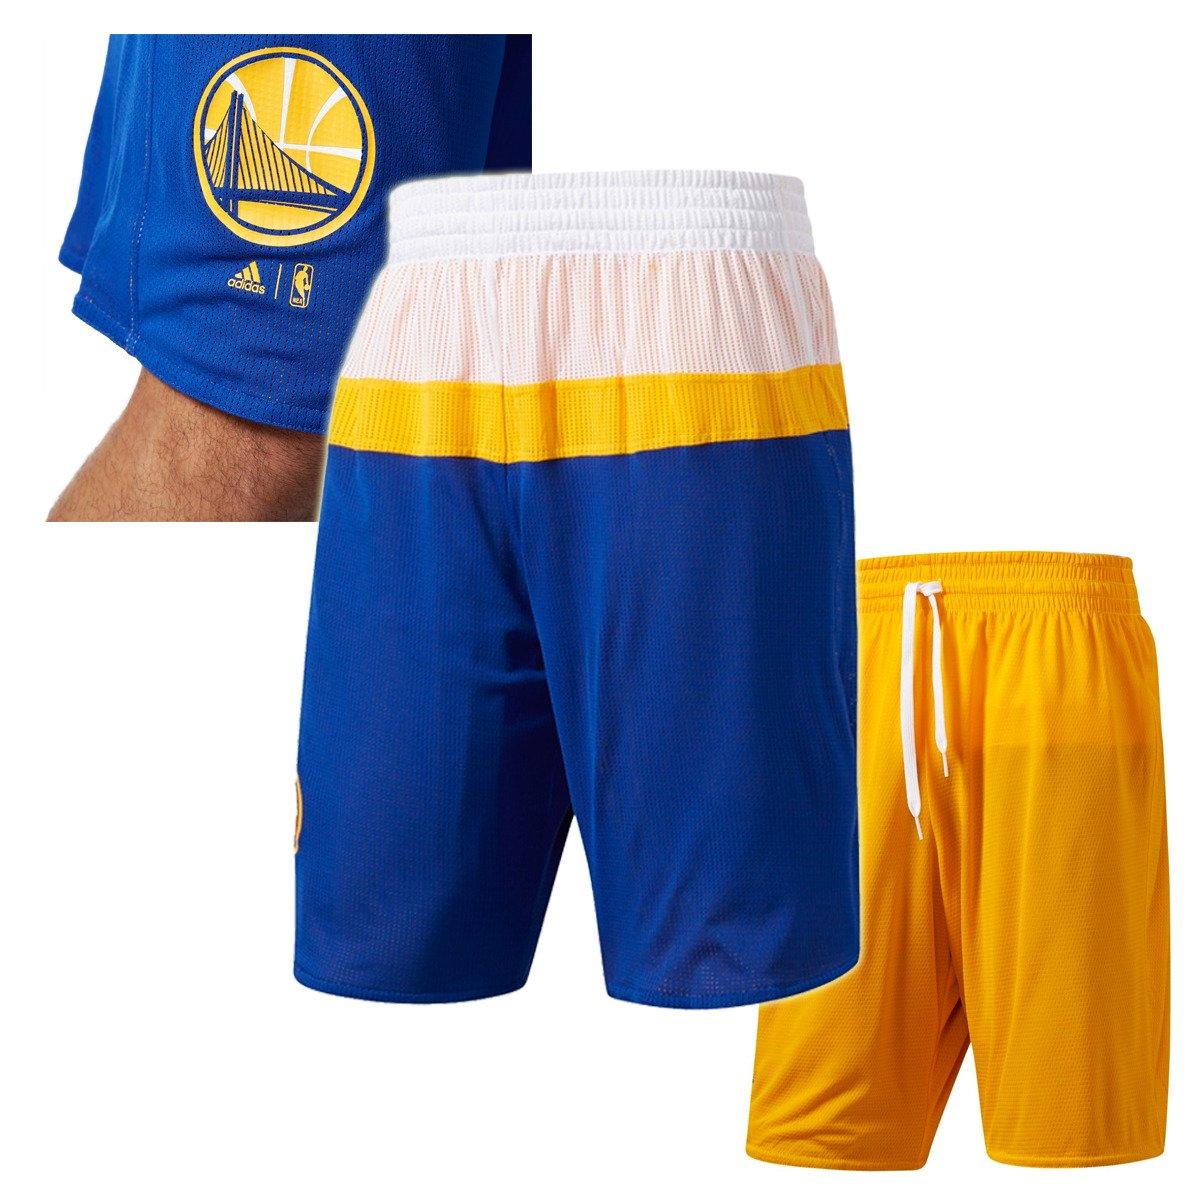 2d9f97835 Adidas Golden State Warriors Basketball Shorts - B45416